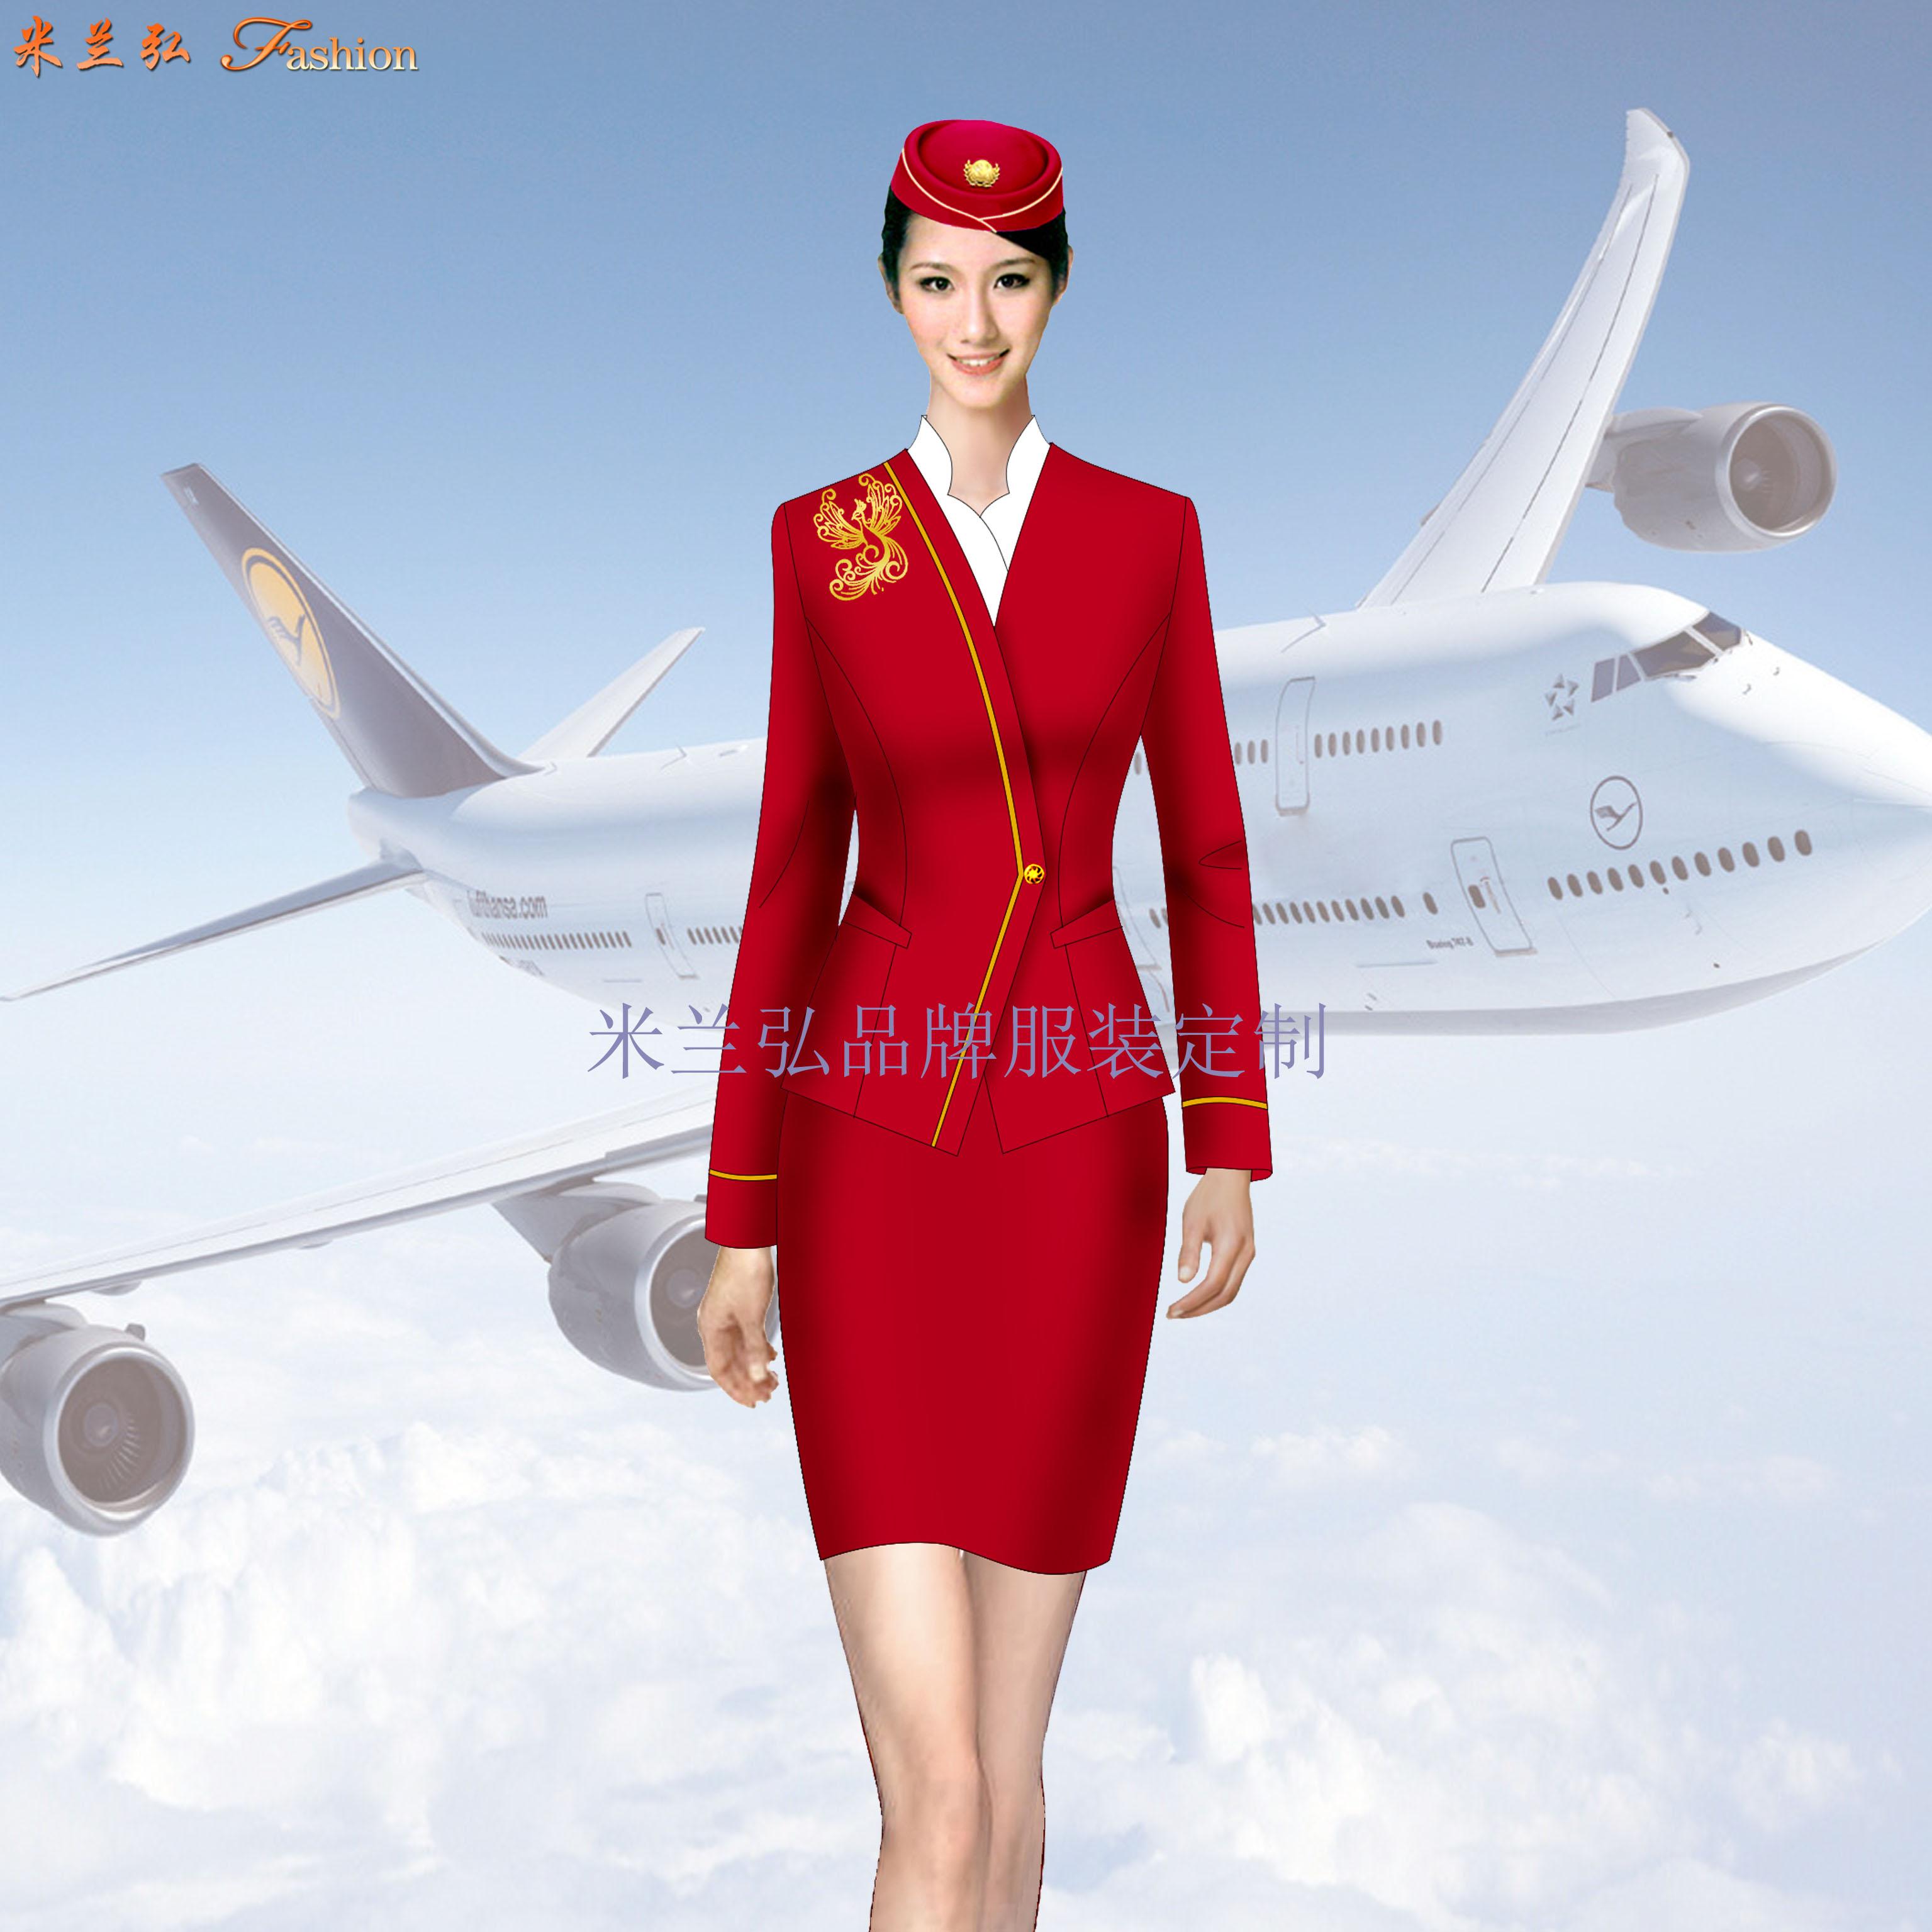 ⎛武汉空姐服⎞武汉空姐服定制-蓝冠注册空姐服厂家-3